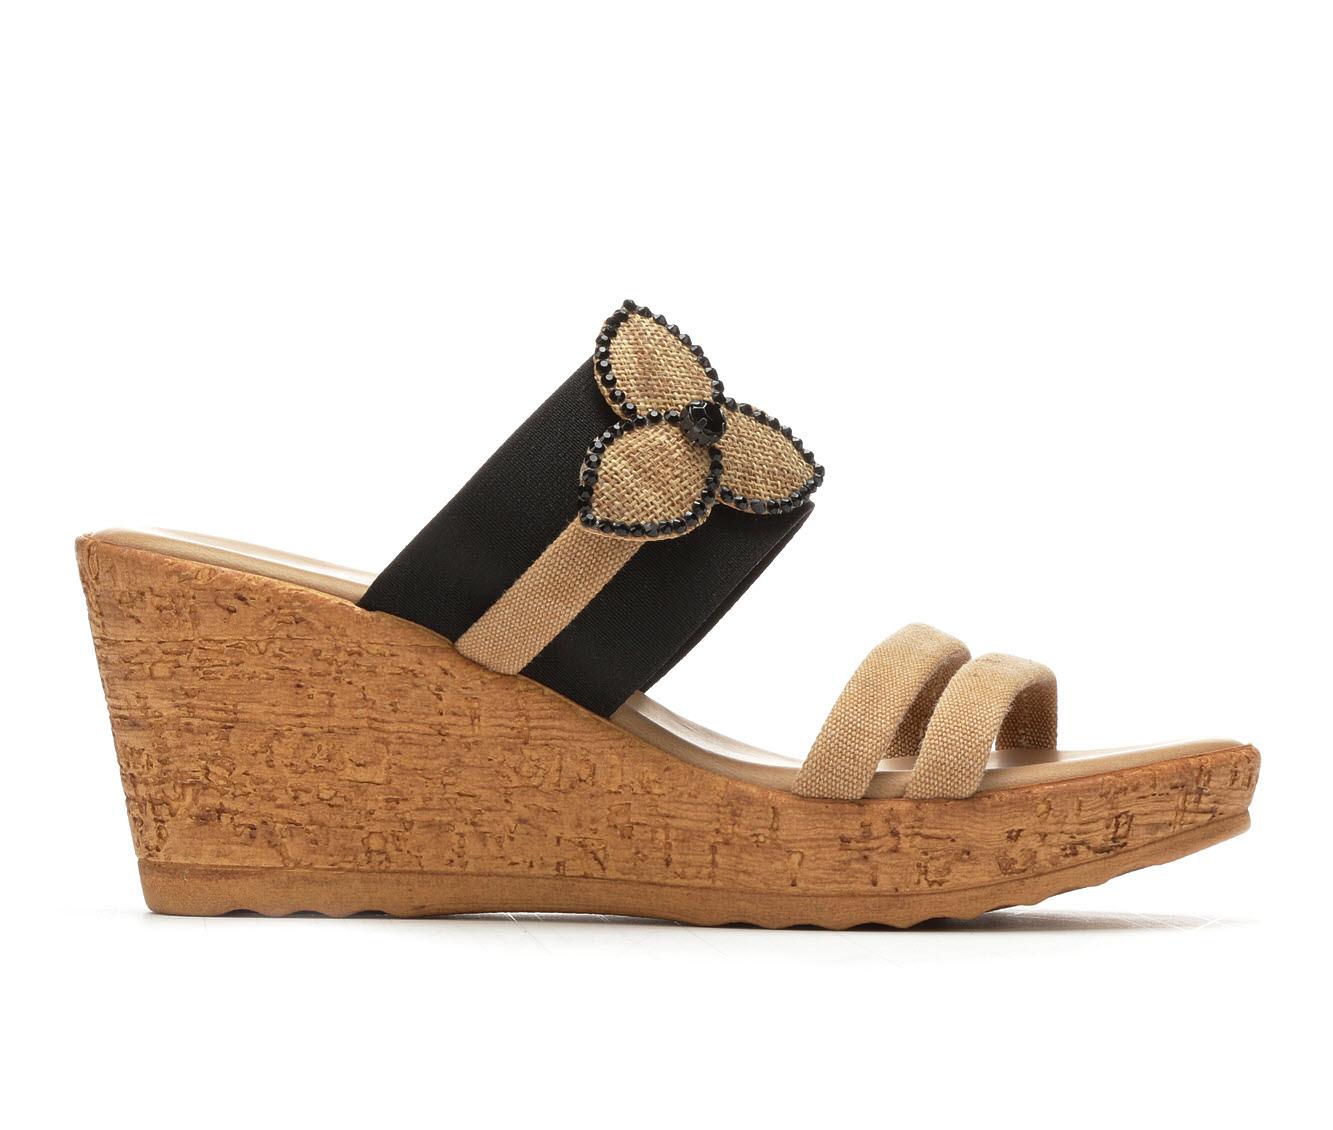 Women's Italian Shoemakers Allure Sandals (Beige)